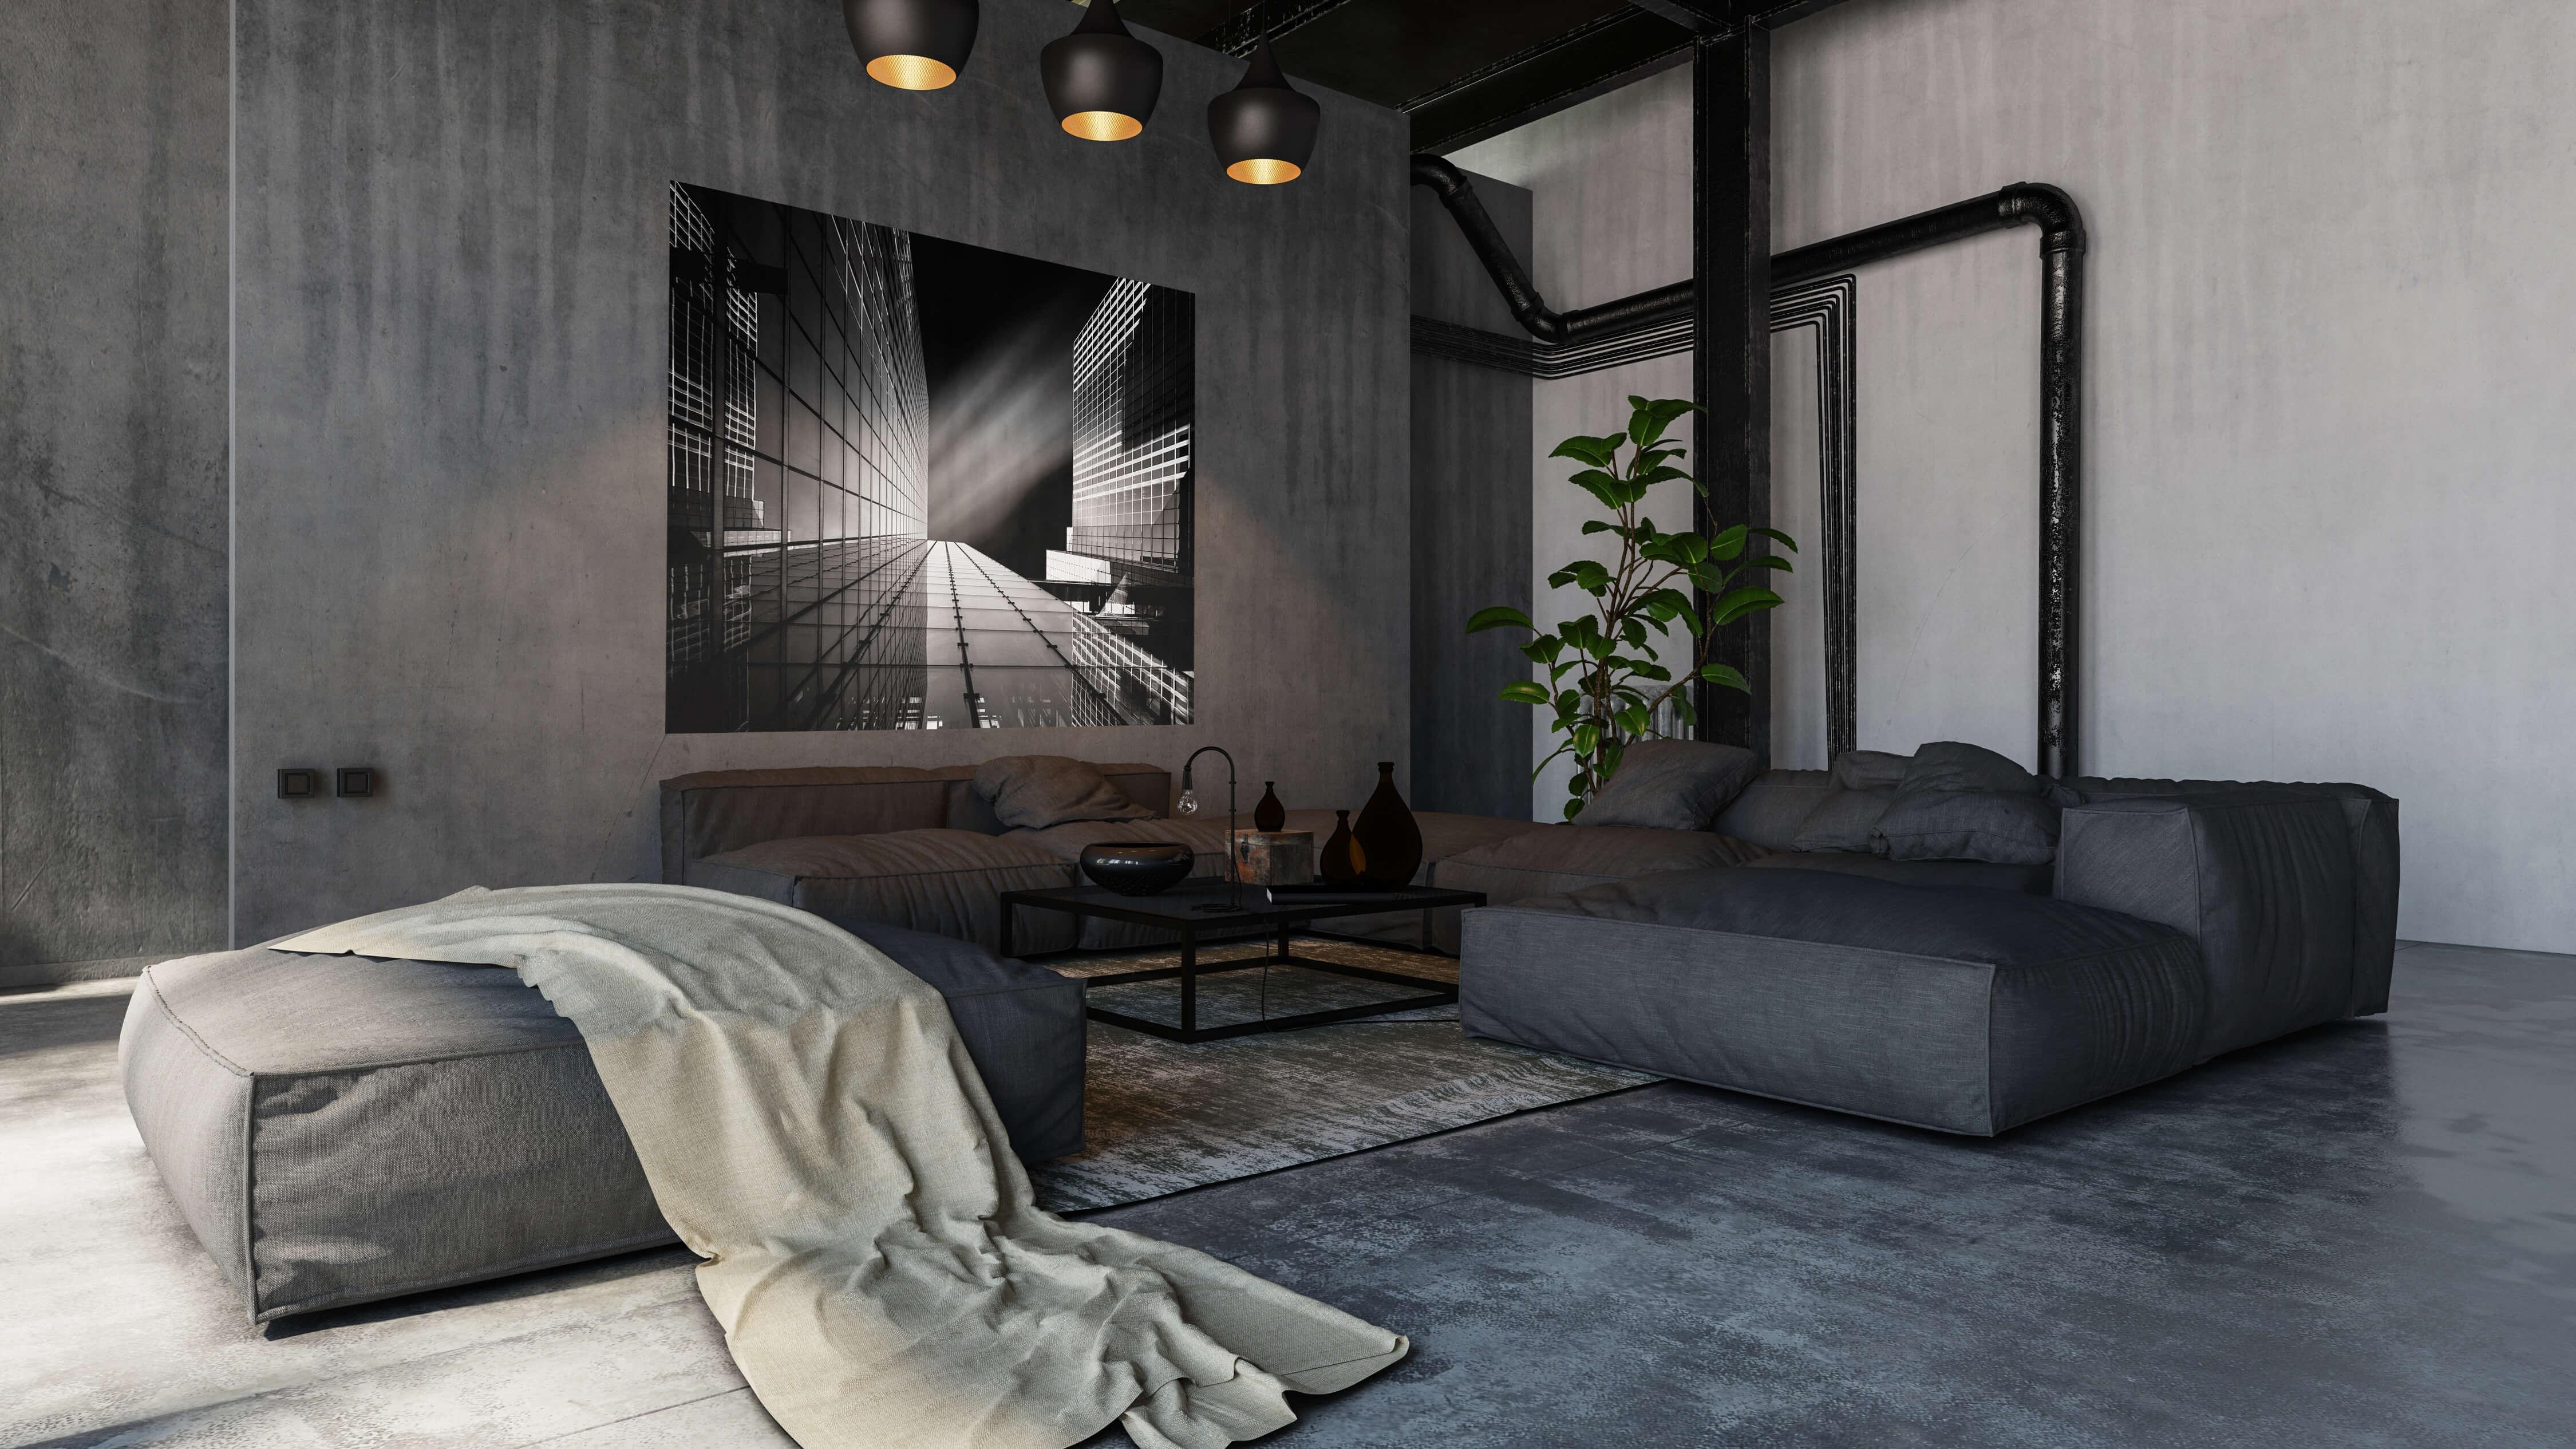 Referenz Loft Wohnung Wandbilder kaufen und Architekturfotografie Workshop buchen